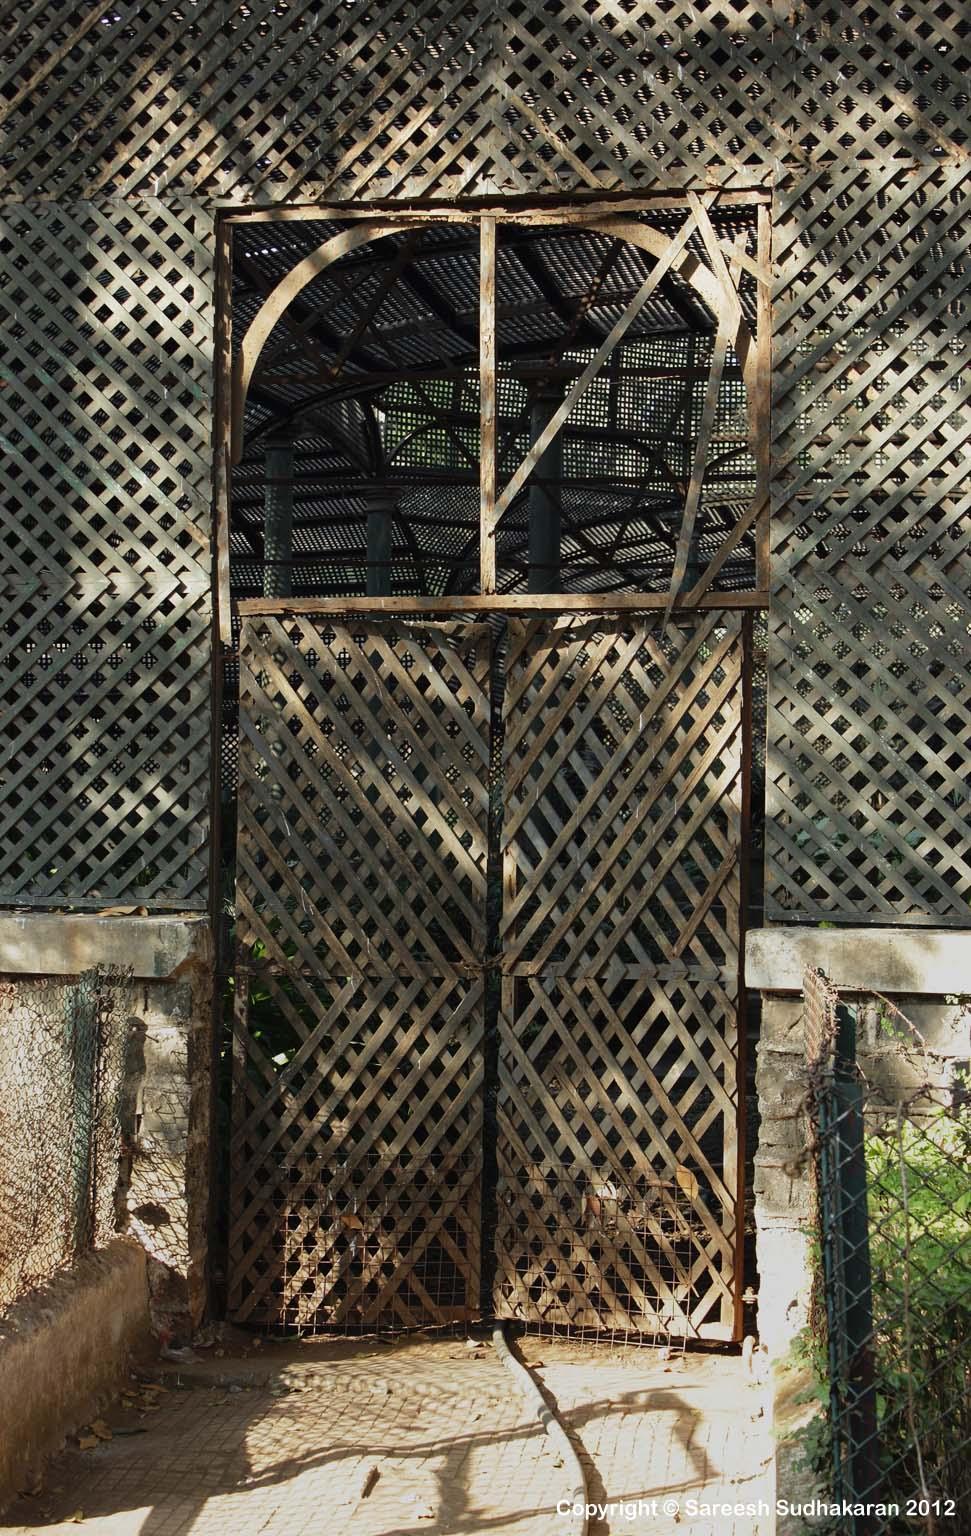 CrossDoorVc & The Cross-hatch Door | Sareesh Sudhakaran